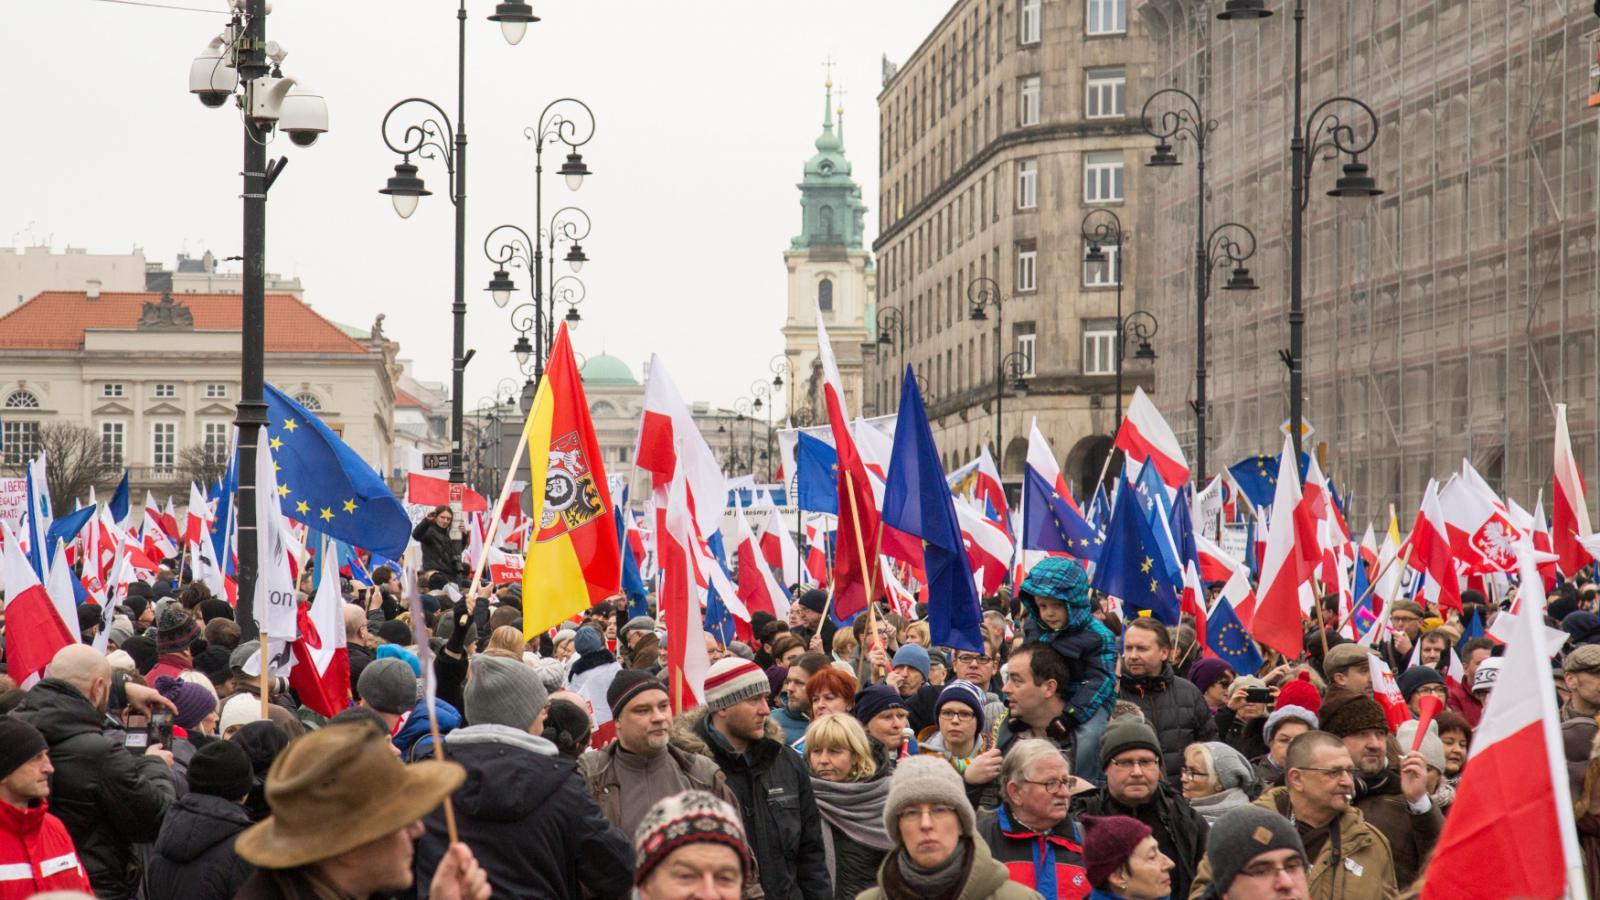 Desítky tisíc protivládních demonstrantů v ulicích Varšavy